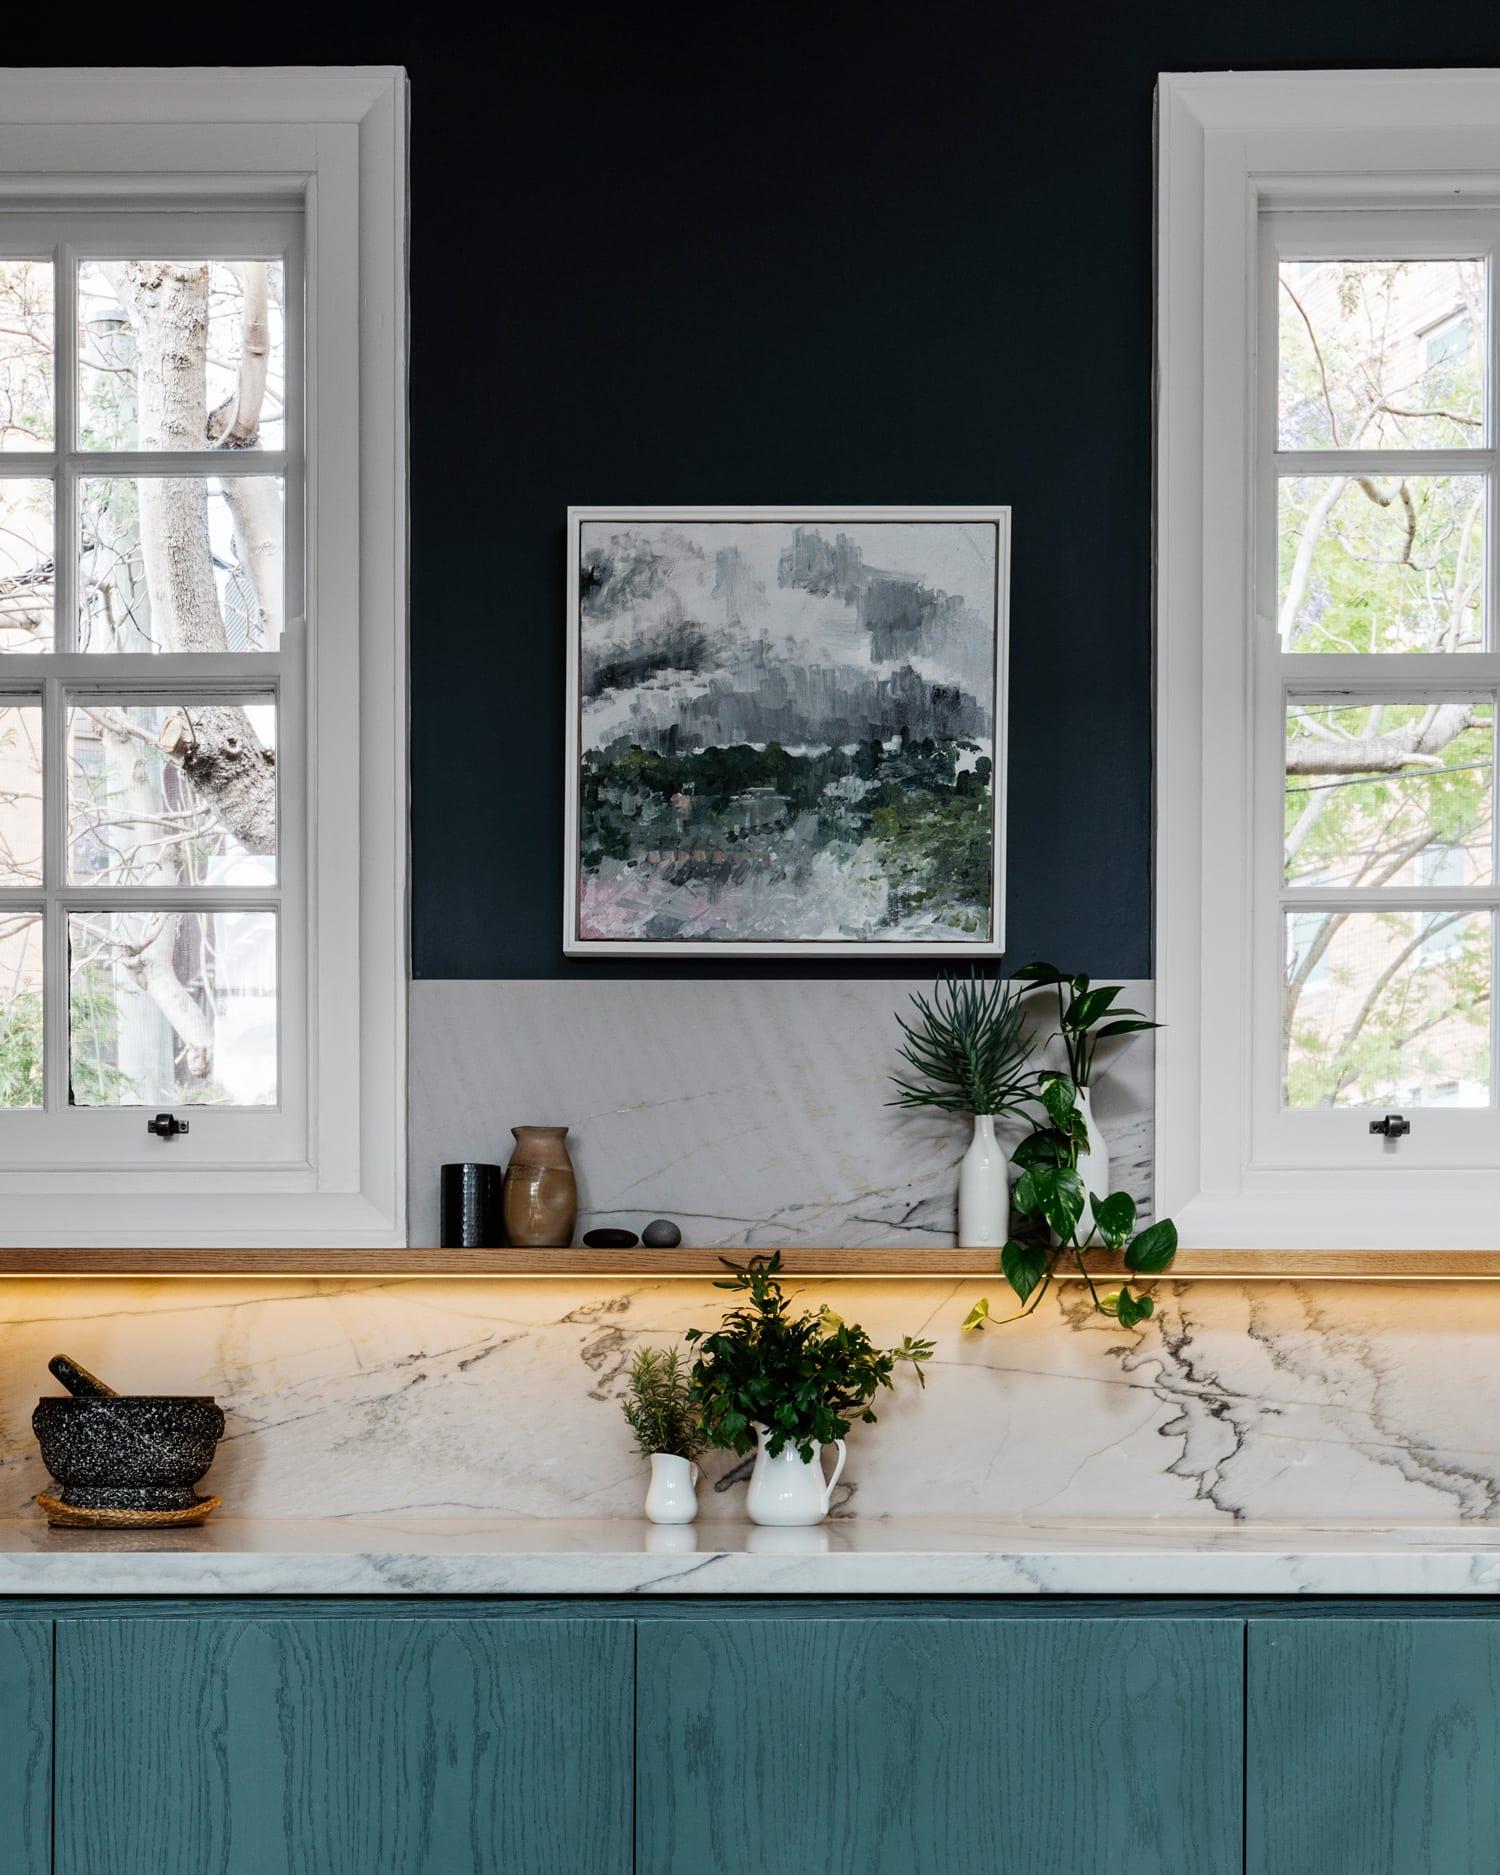 Sydney S Premier Kitchen: Jonathan Richards' Own Residence In Sydney's Darlinghurst